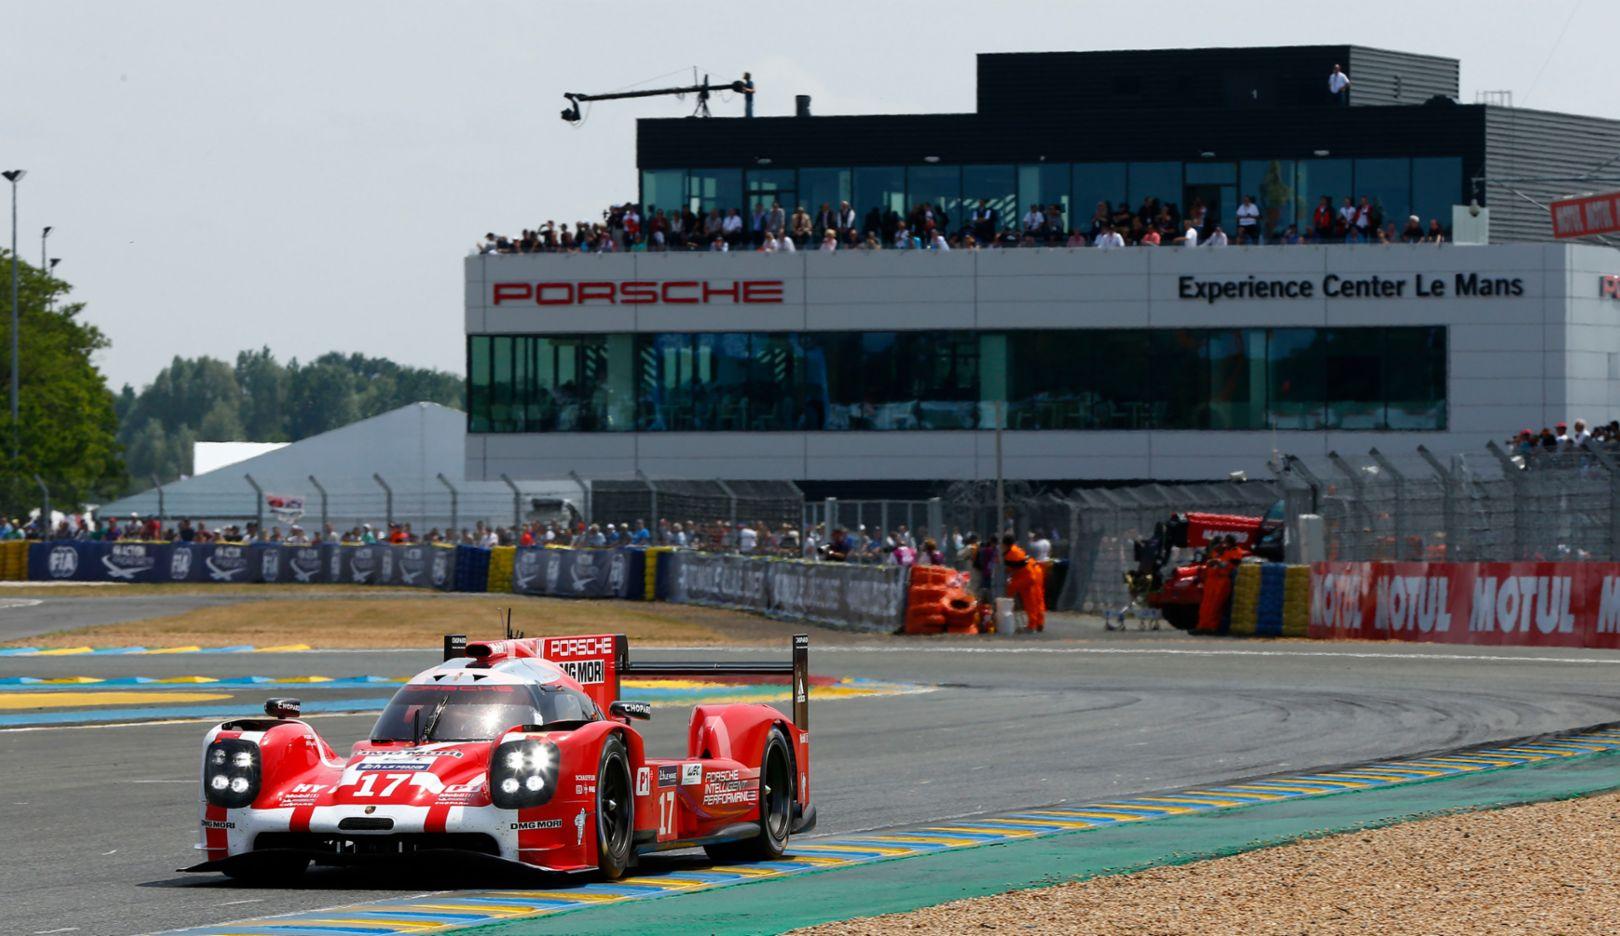 919 Hybrid, No 17, Experience Center, Le Mans, 2015, Porsche AG